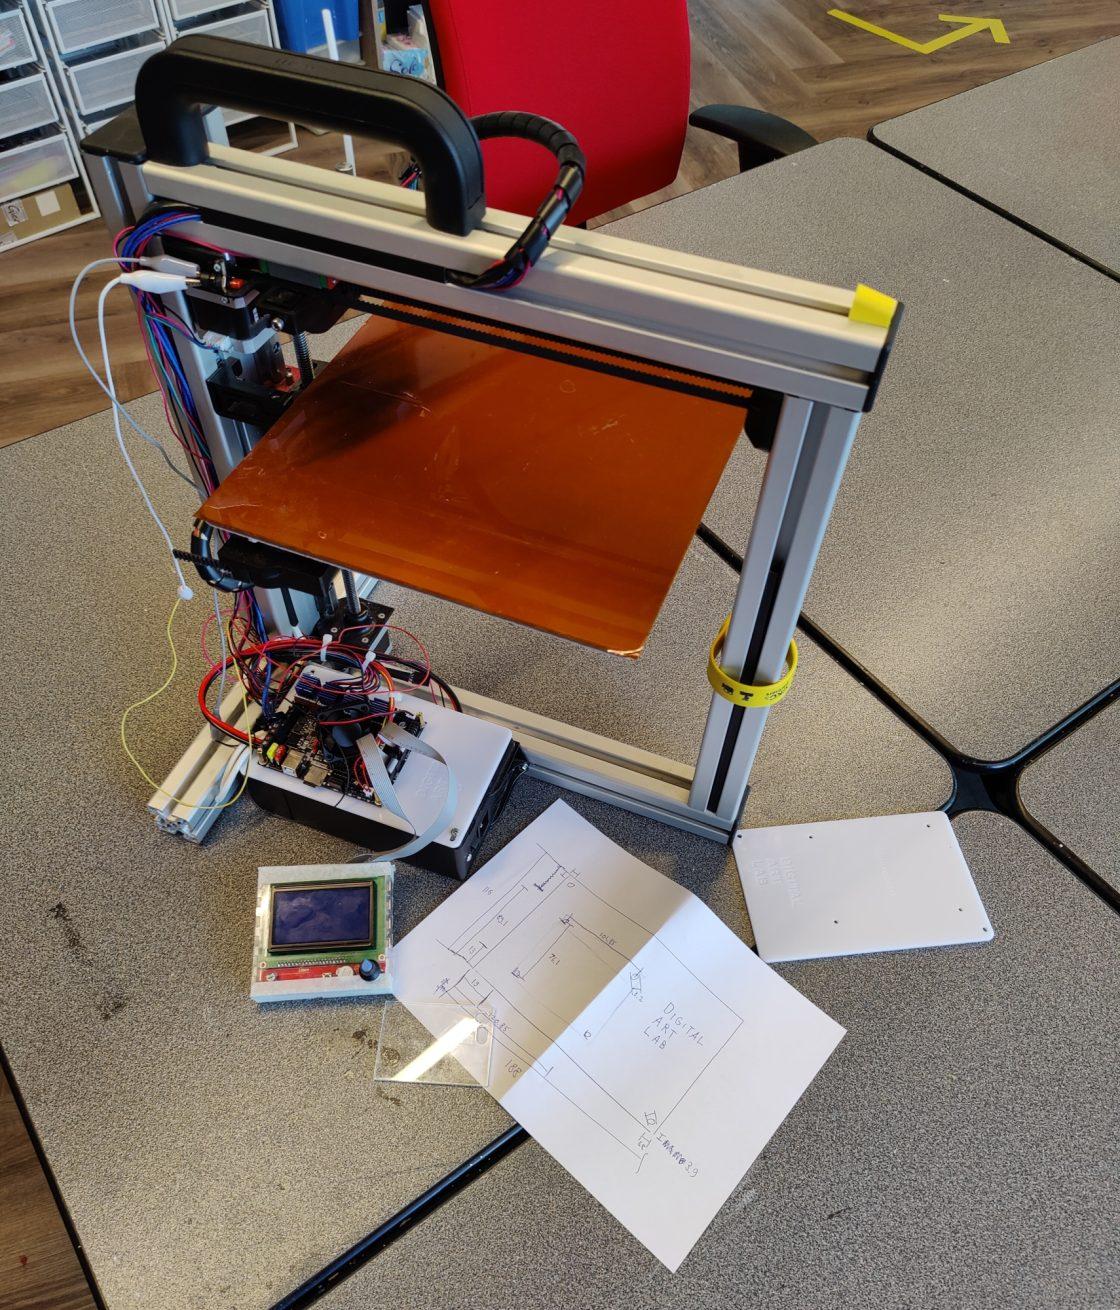 rommleige foto van een half afgemaakte 3D printer